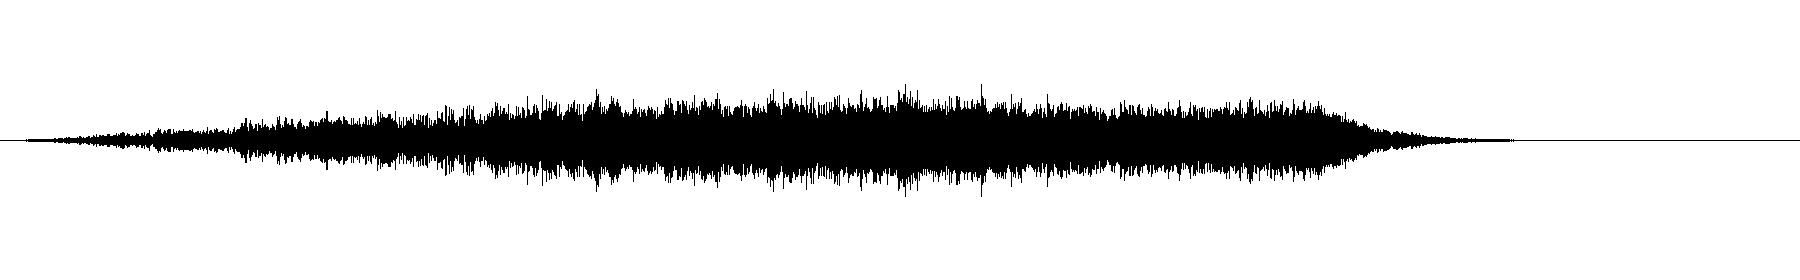 str fx b 11 xs